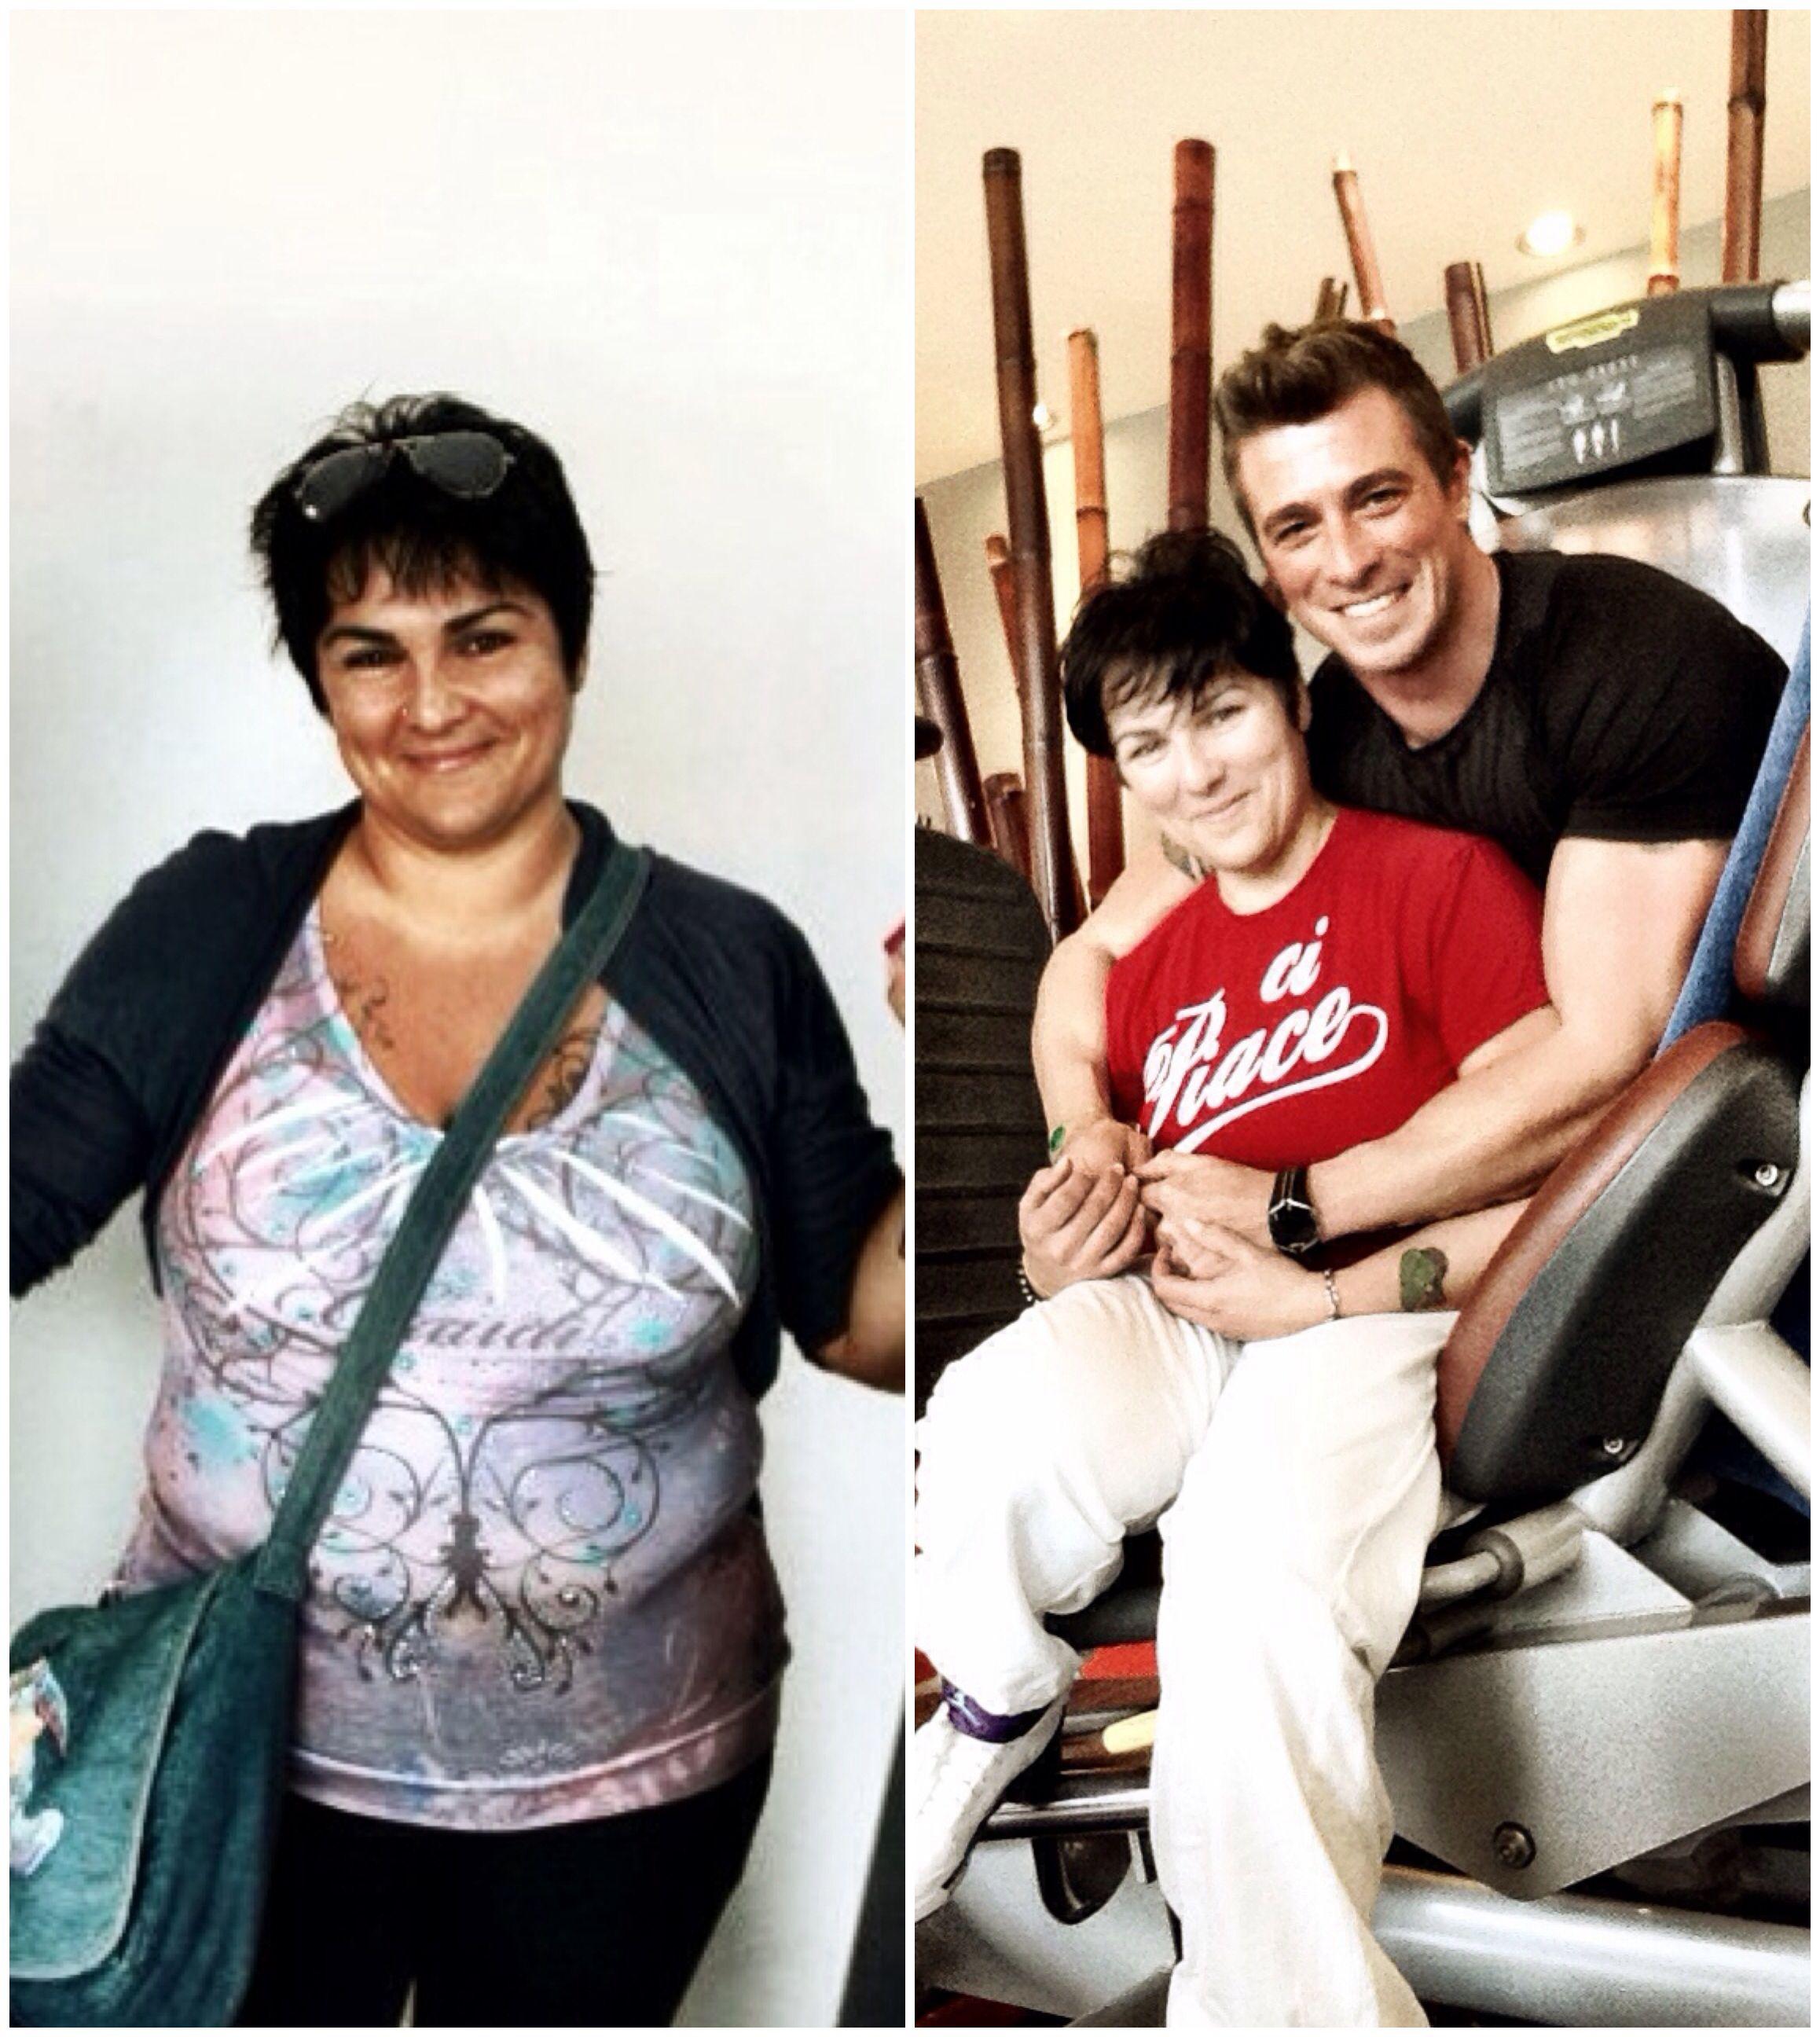 Il percorso di Erika è iniziato 4 mesi fa...da allora molte cose sono cambiate. Oltre alla perdita di 9 kg di massa grassa, ha iniziato un nuovo stile di vita !! Complimenti Erika !!